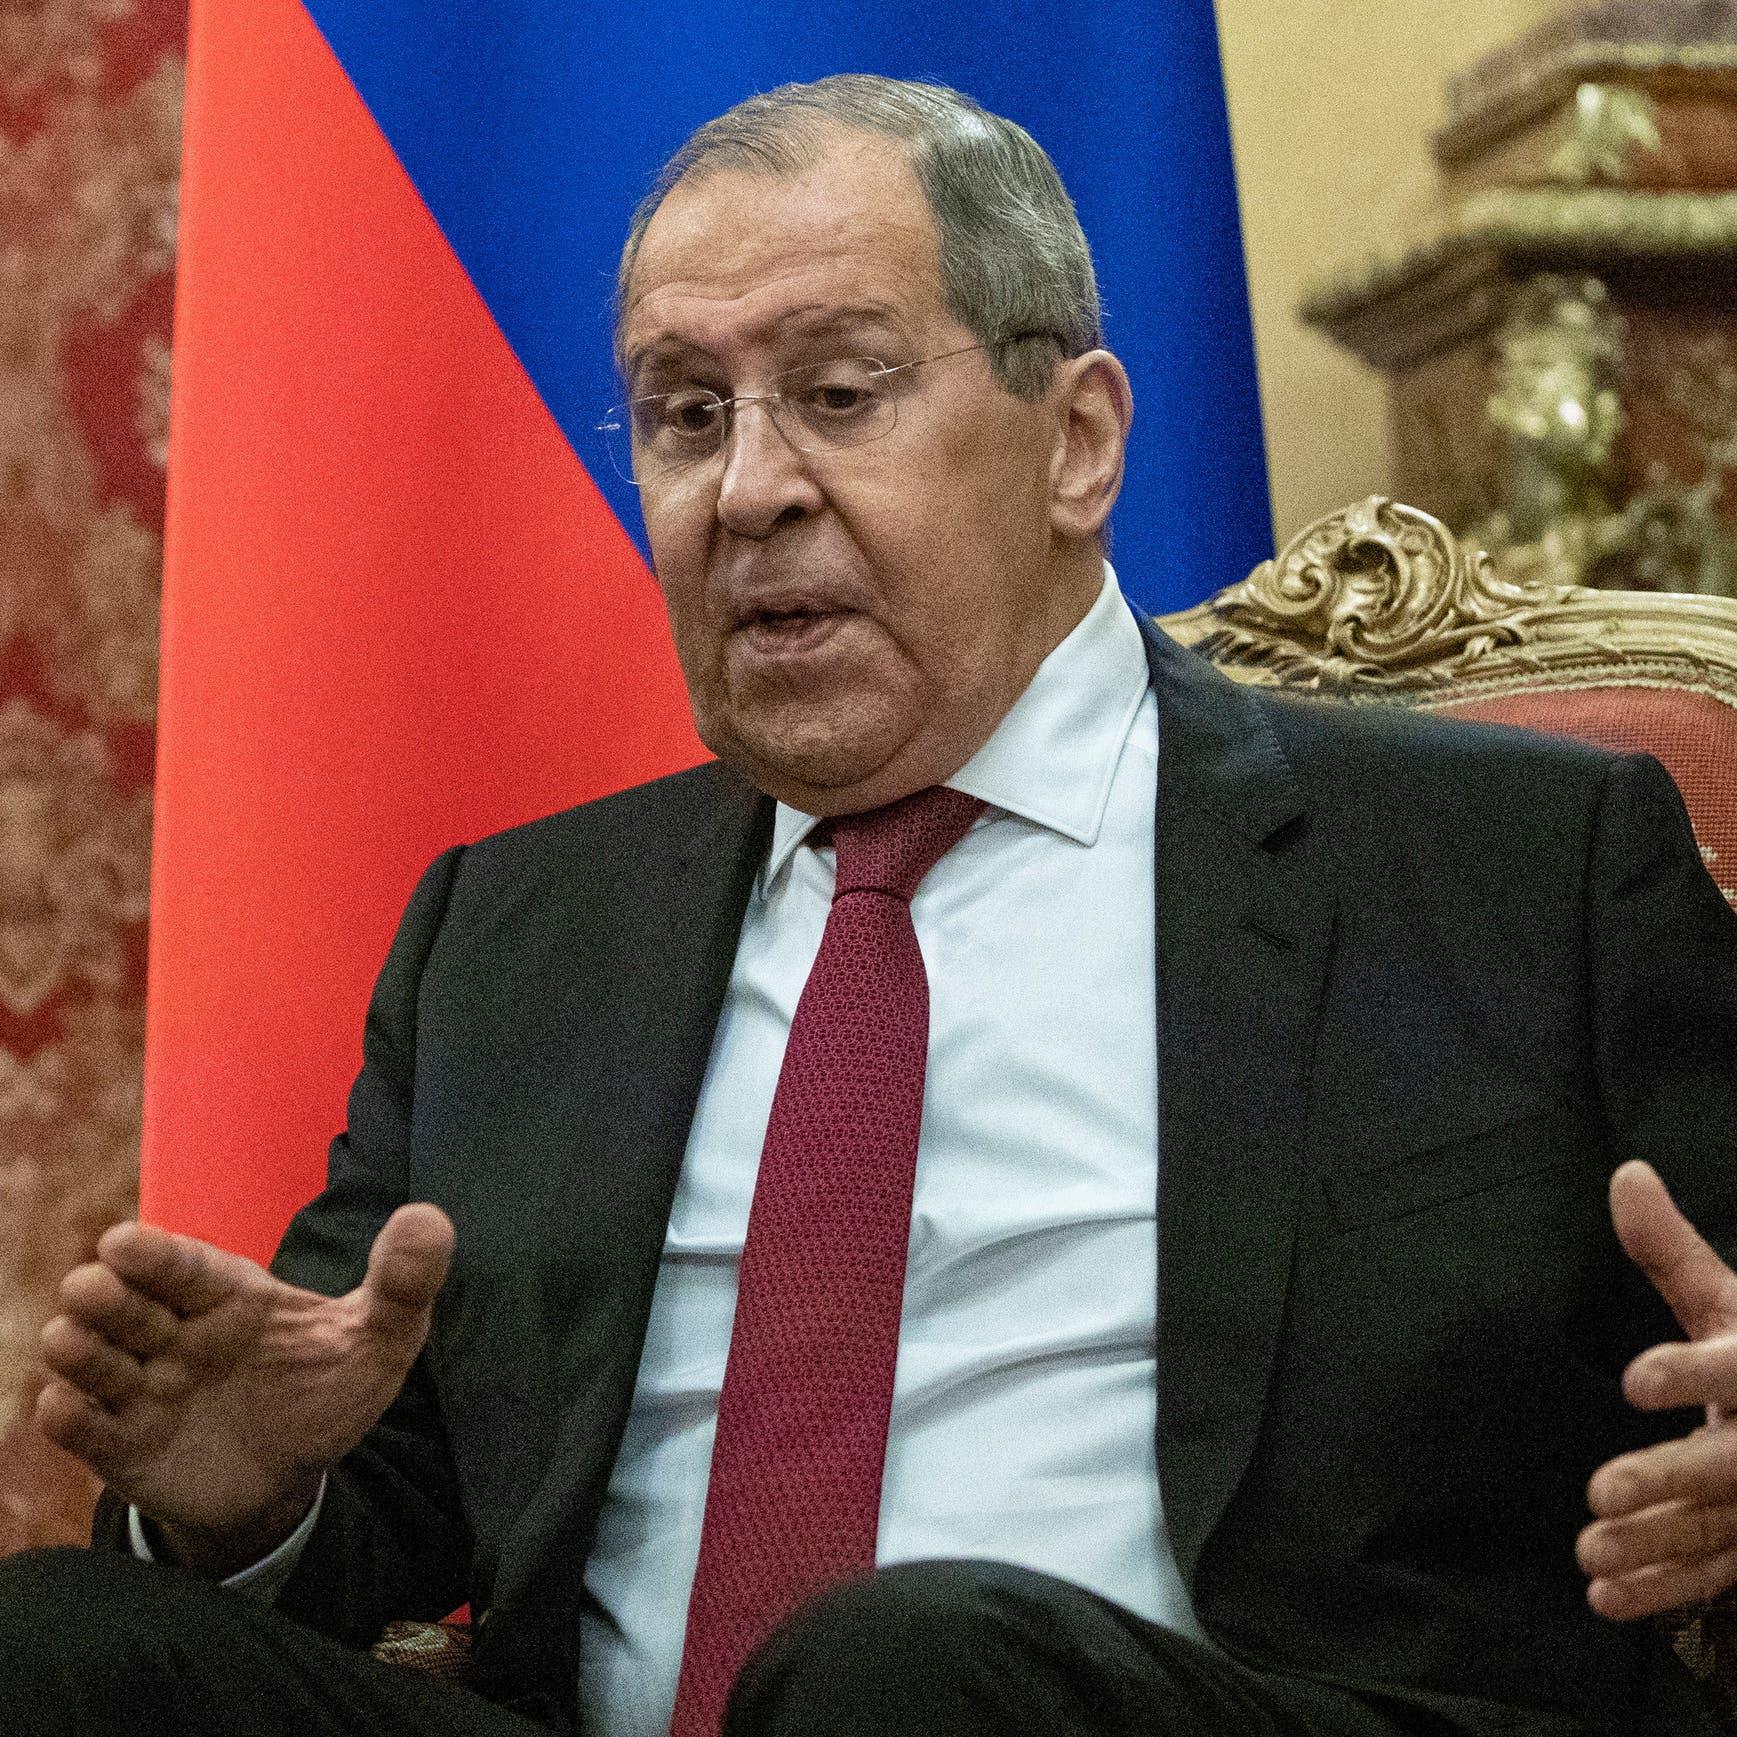 روسيا: لن نتعاون مع إرهابيين.. وإشارات إيجابية تصدر من طالبان